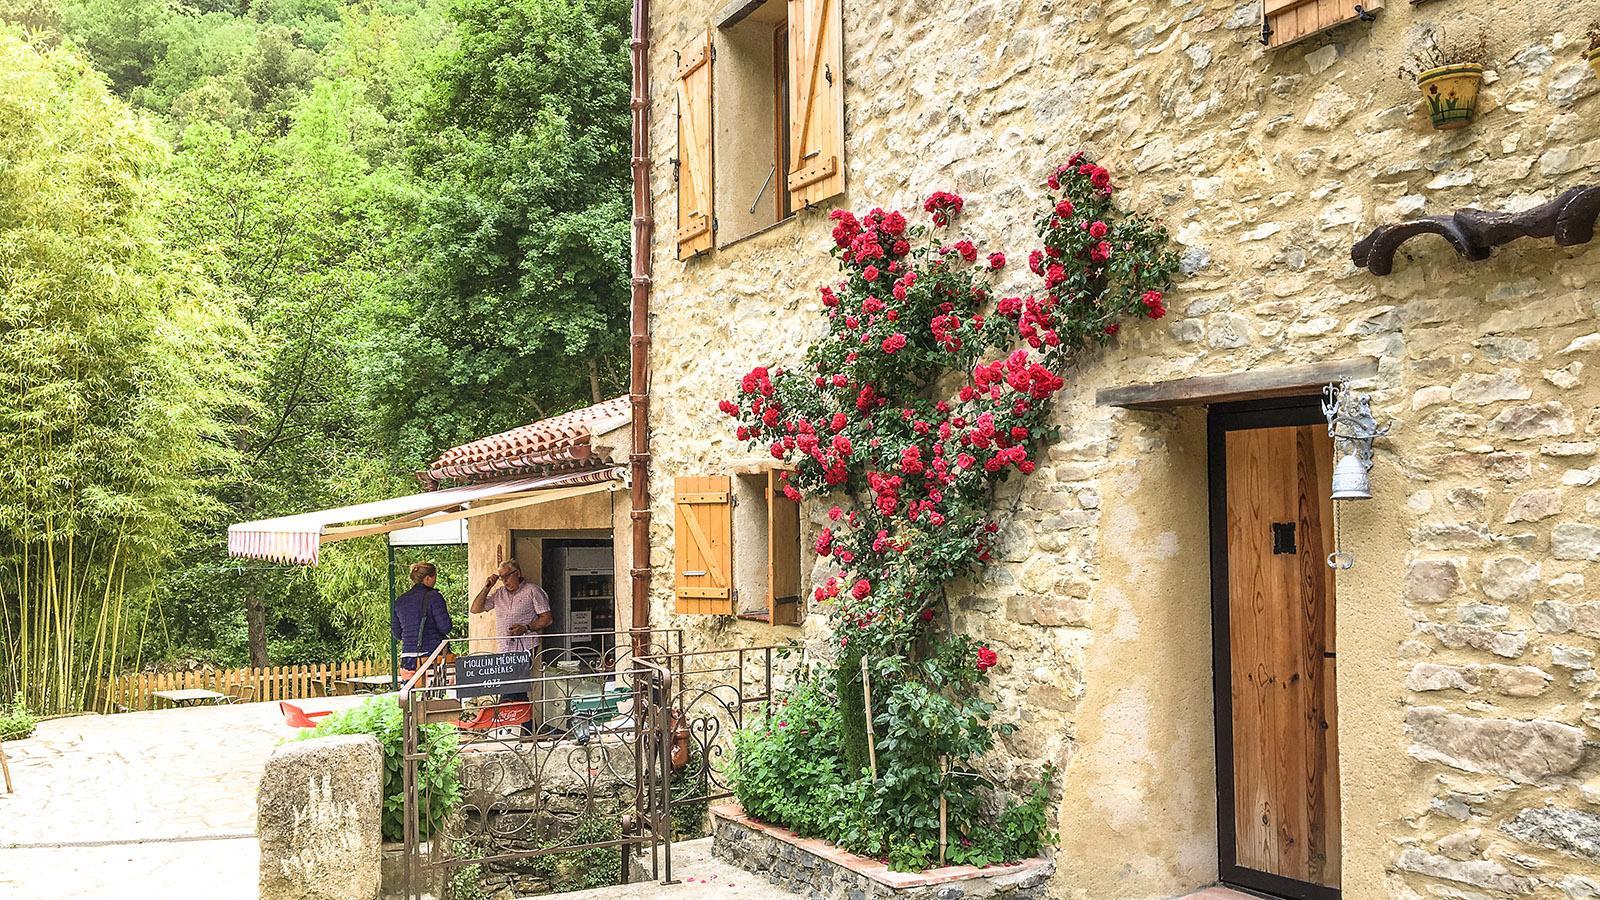 Le Vieux Moulin, ein charmanter Landgasthof am nördlichen Eingang der Gorges de Galamus. Foto: Hilke Maunder